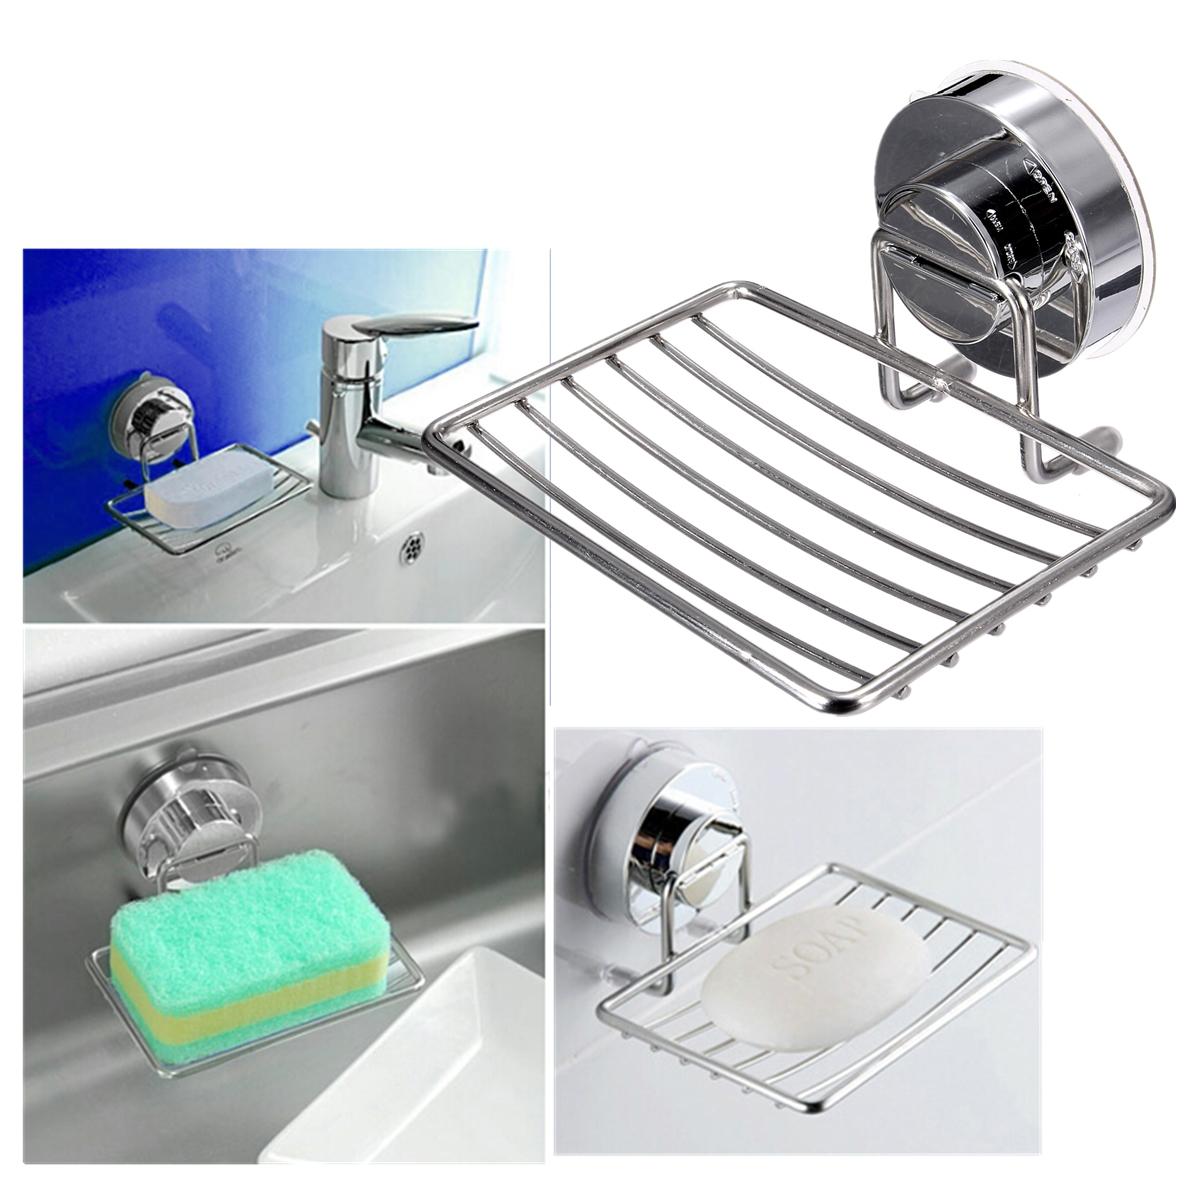 Metal support porte savon mural savonnette ventouse pour salle de bain douche ebay - Support a ventouse pour salle de bain ...